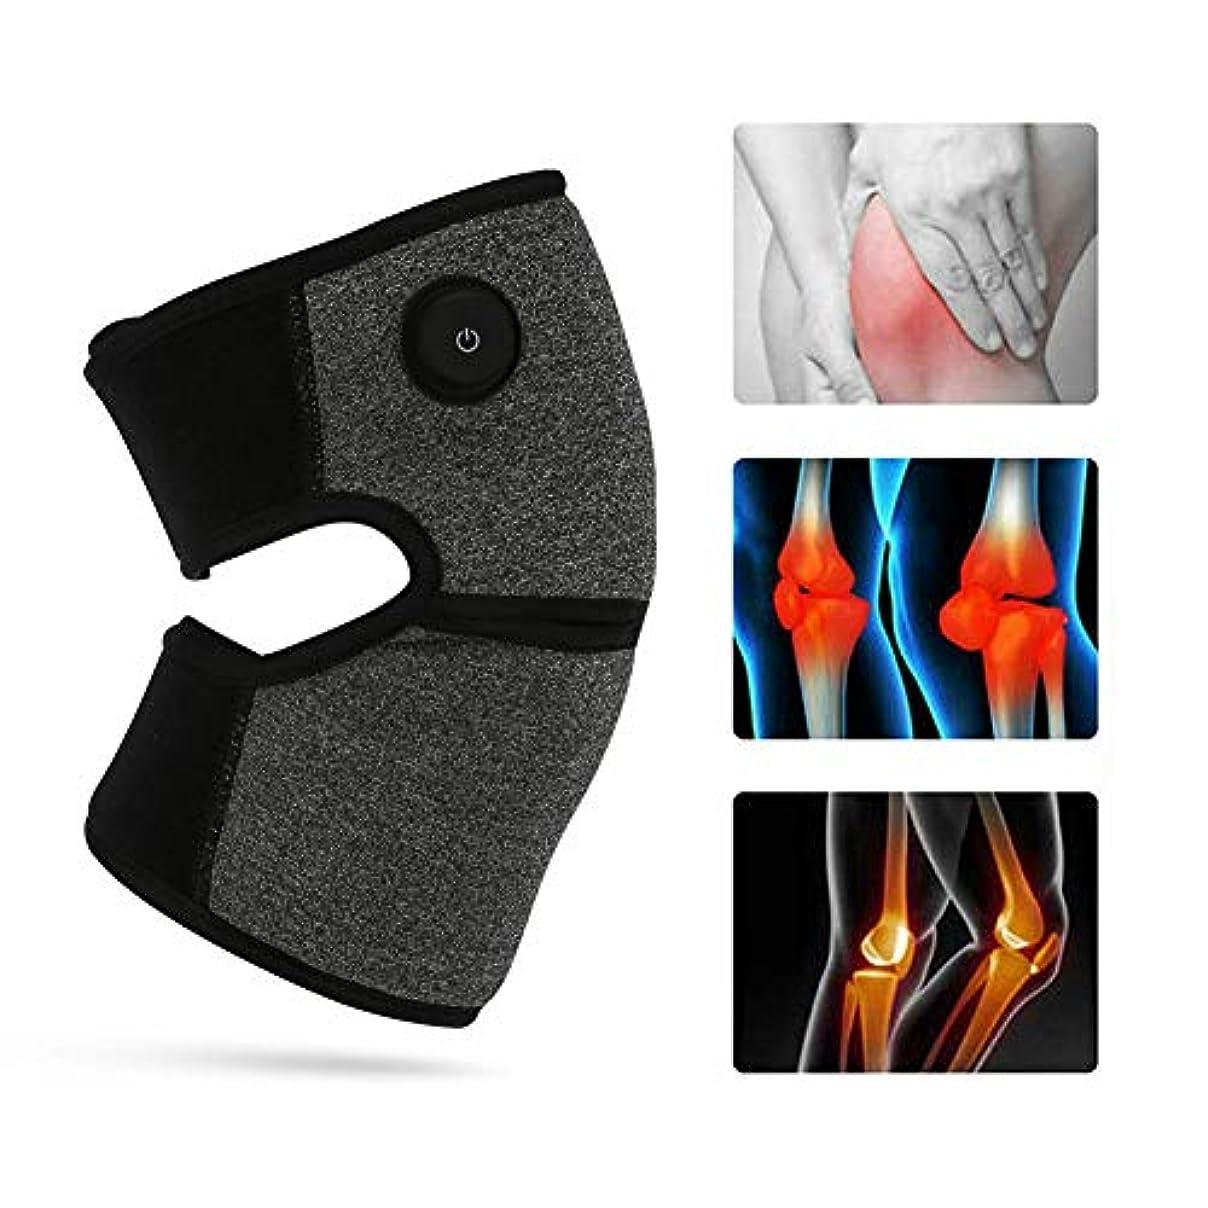 パトロン勇気リアル電気加熱膝パッド加熱膝ブレースラップサポート療法ホット圧縮3ファイル温度で関節炎膝の痛み,1pc